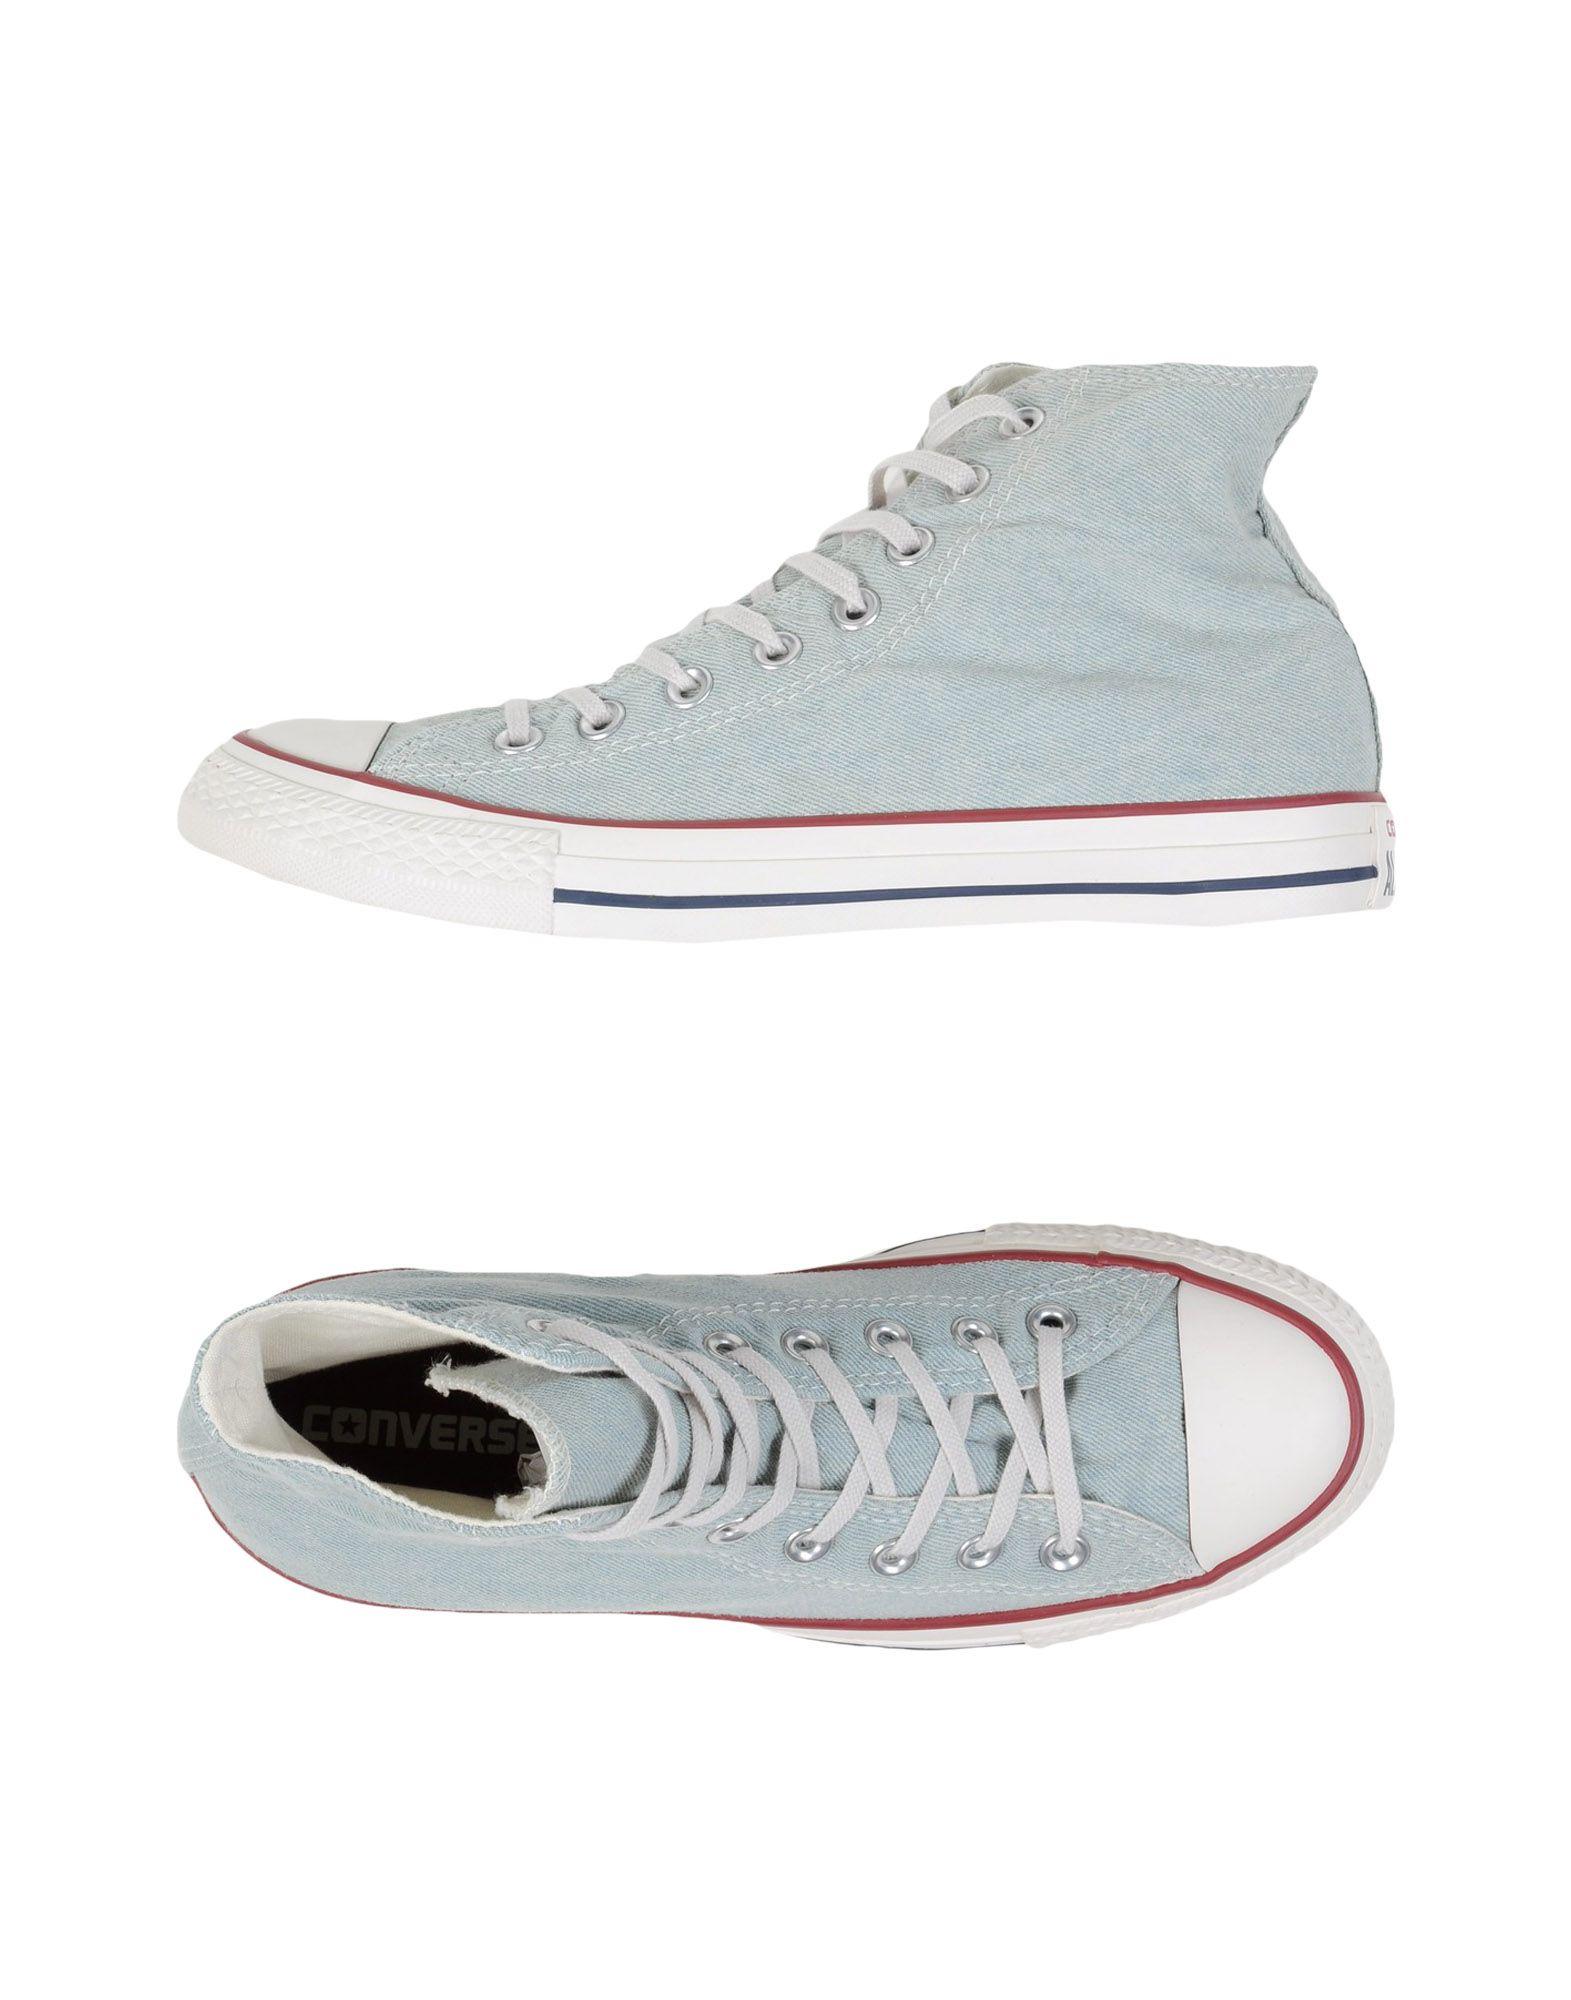 Converse All Star Sneakers Herren Gutes Preis-Leistungs-Verhältnis, Preis-Leistungs-Verhältnis, Gutes es lohnt sich 2252a6